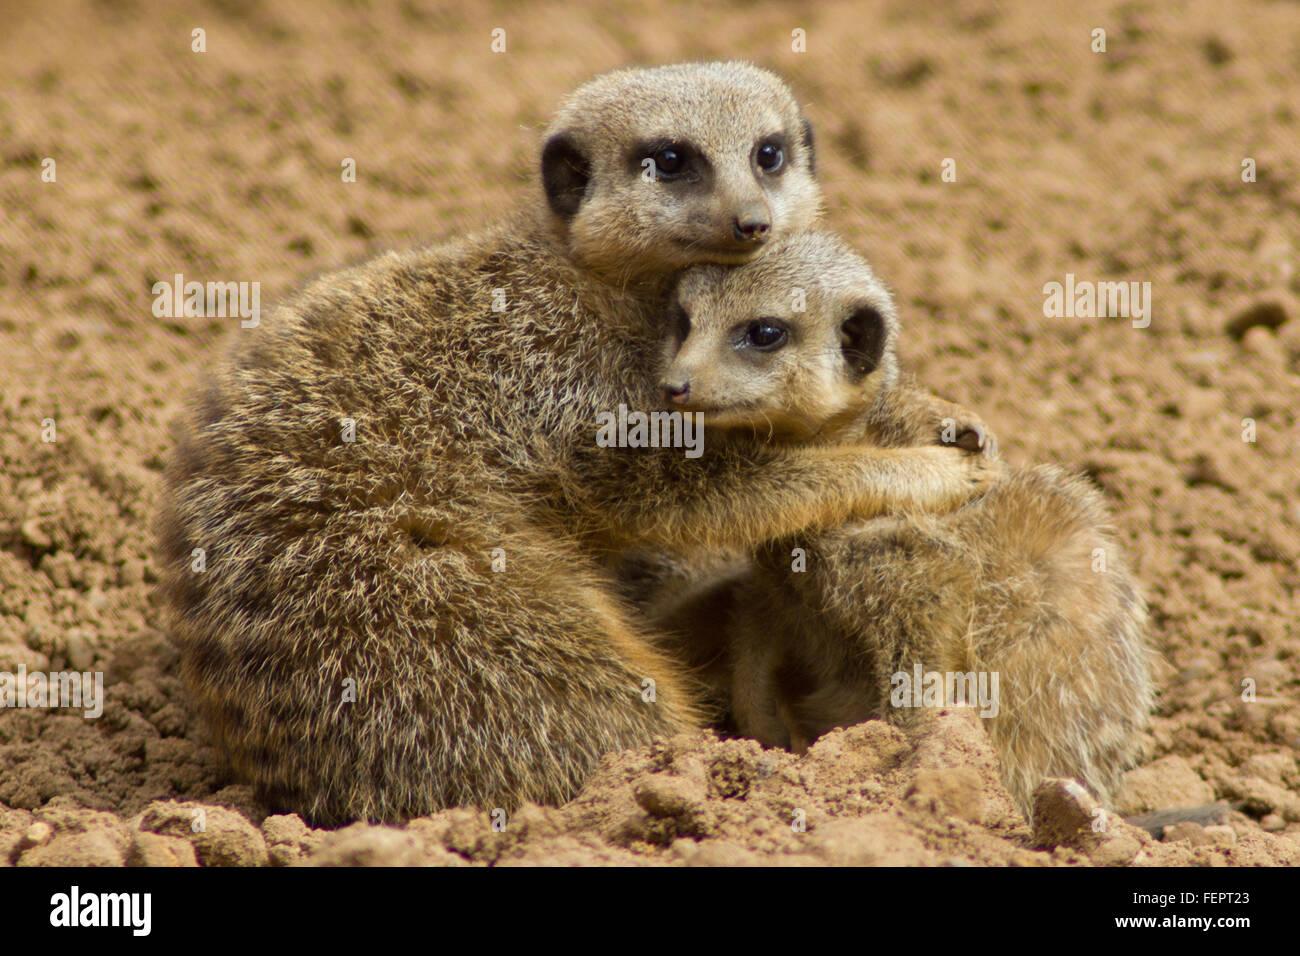 Meerkat hug - Stock Image